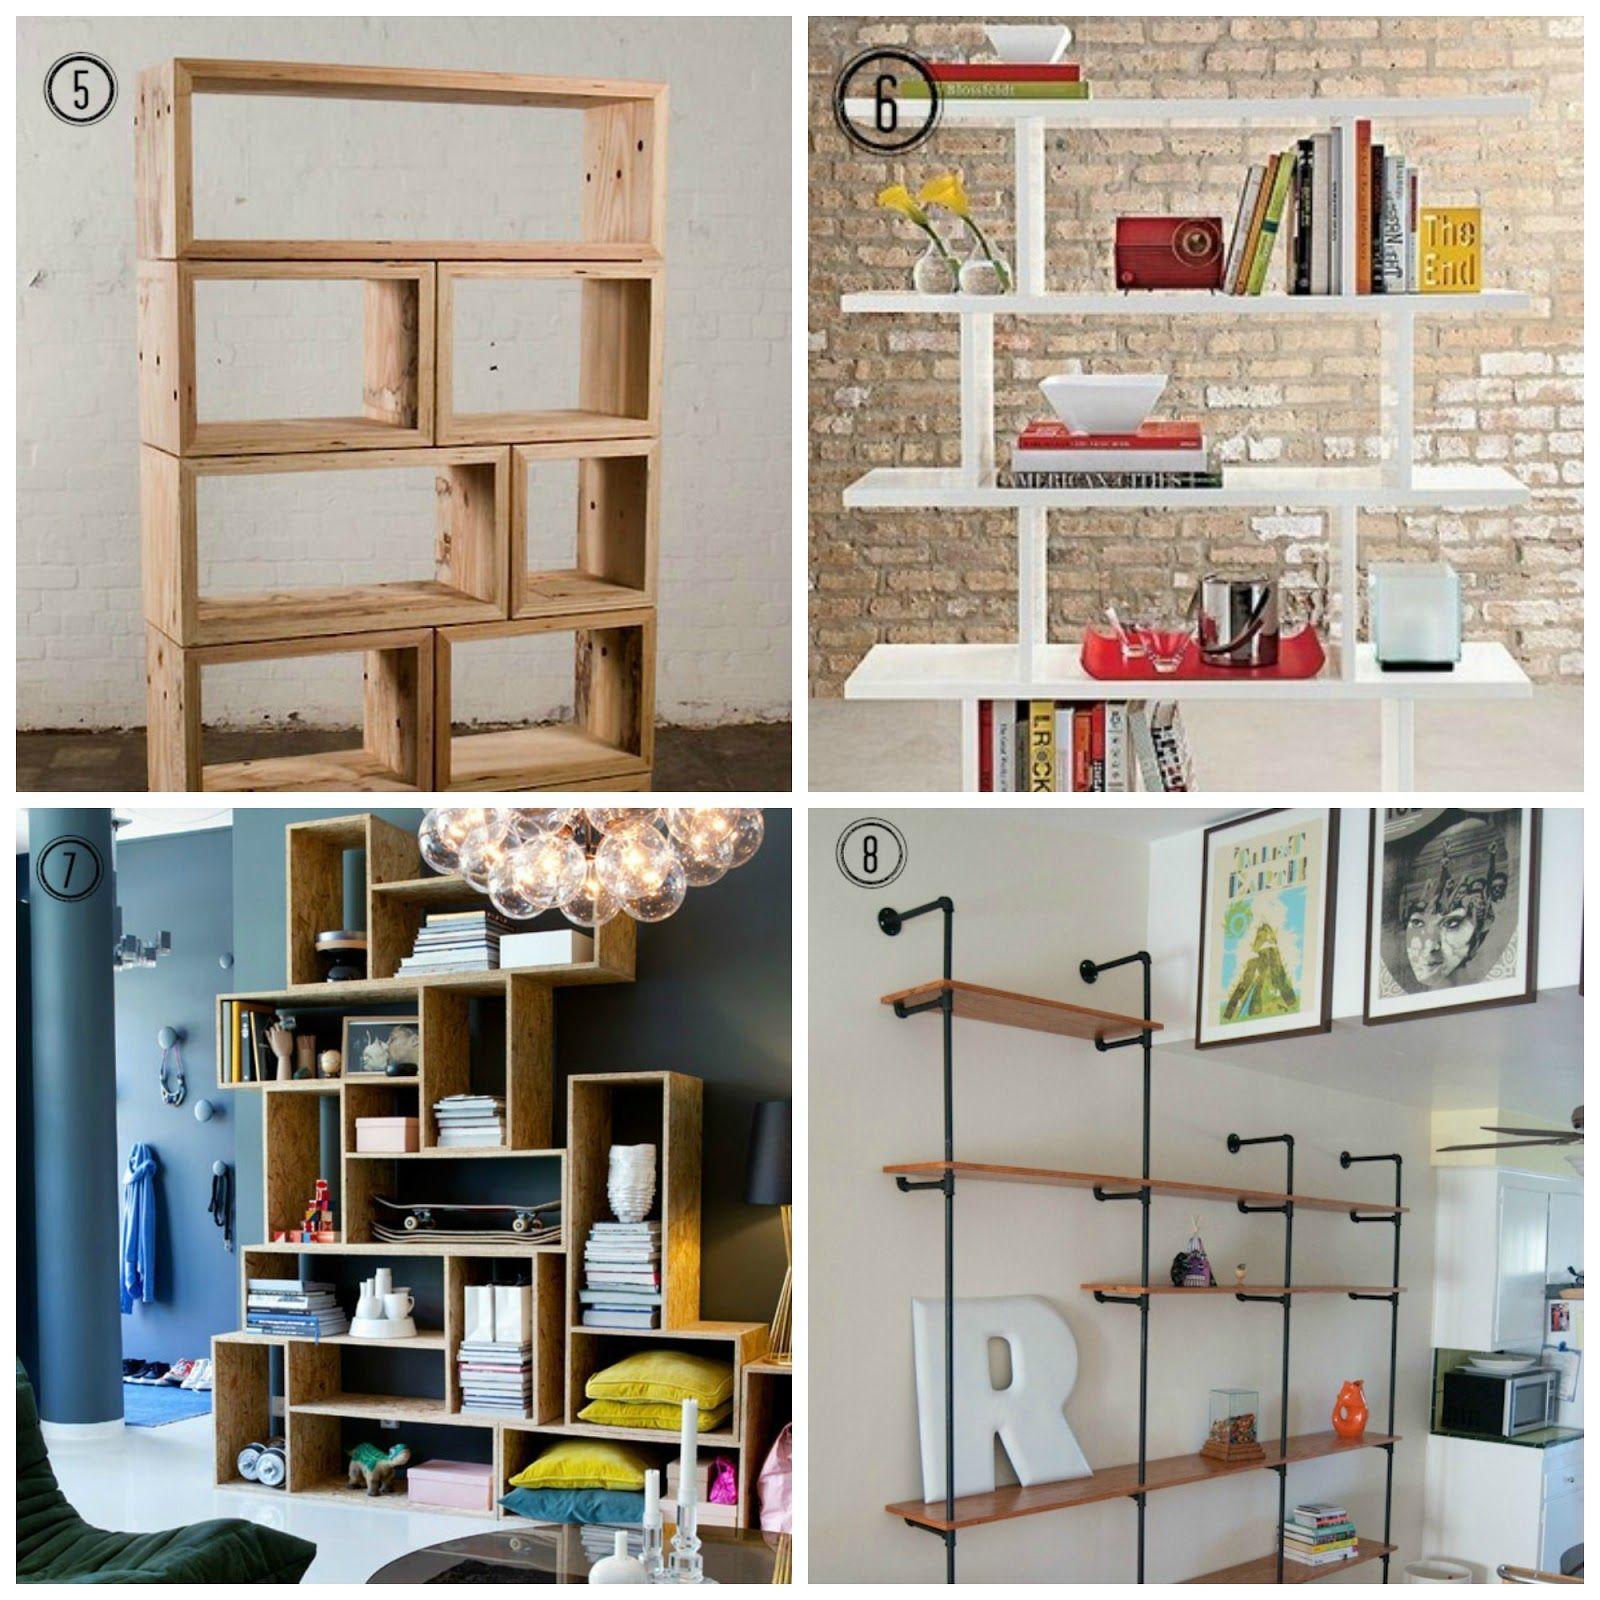 Design Tendencies: 8 DIY Shelf Ideas | Furniture, Repurposing, DIY ...